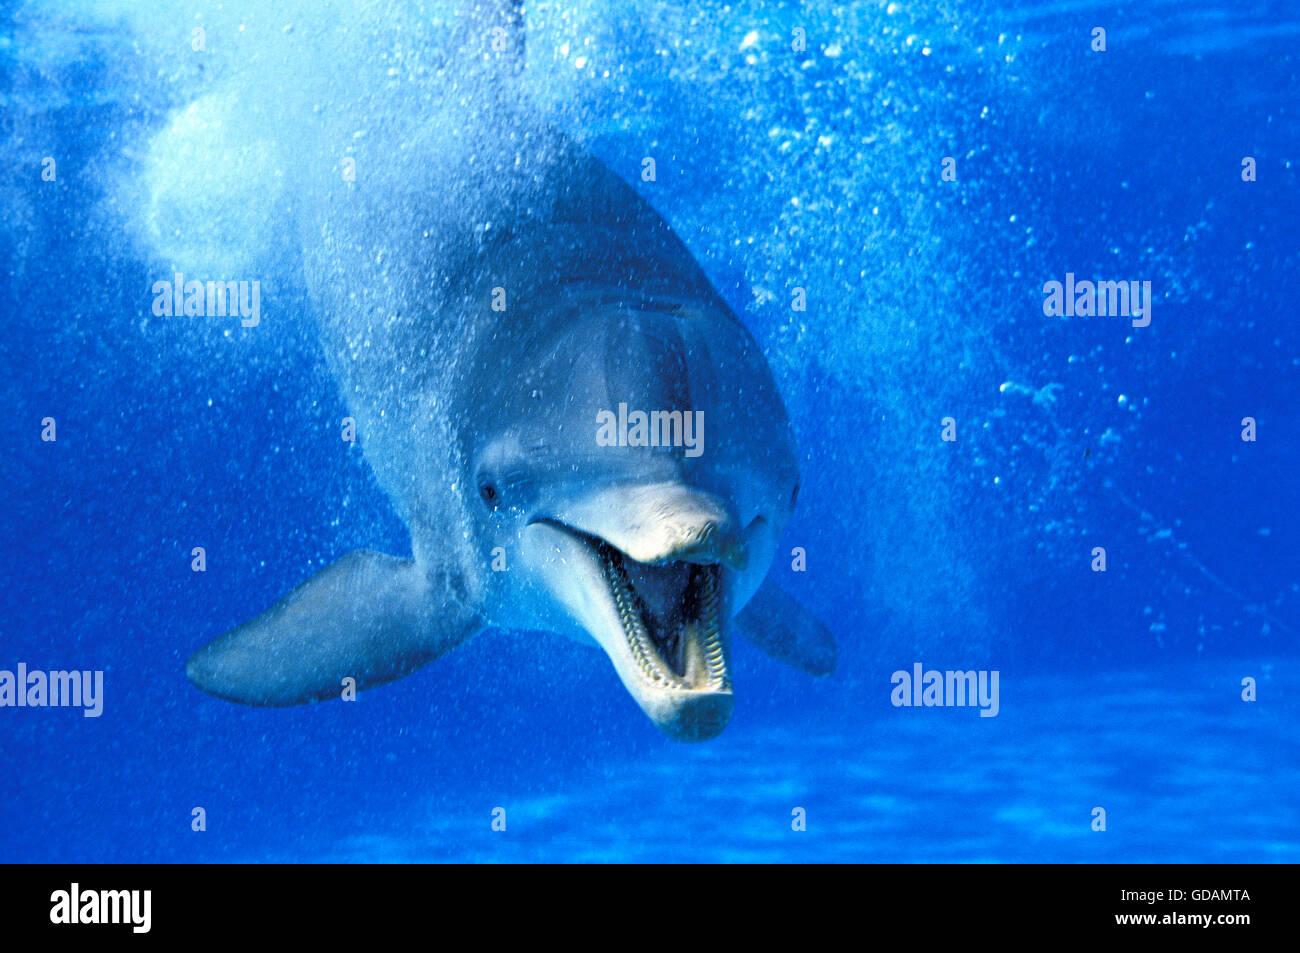 El delfín mular, tursiops truncatus, adulto con la boca abierta, divertida actitud Imagen De Stock